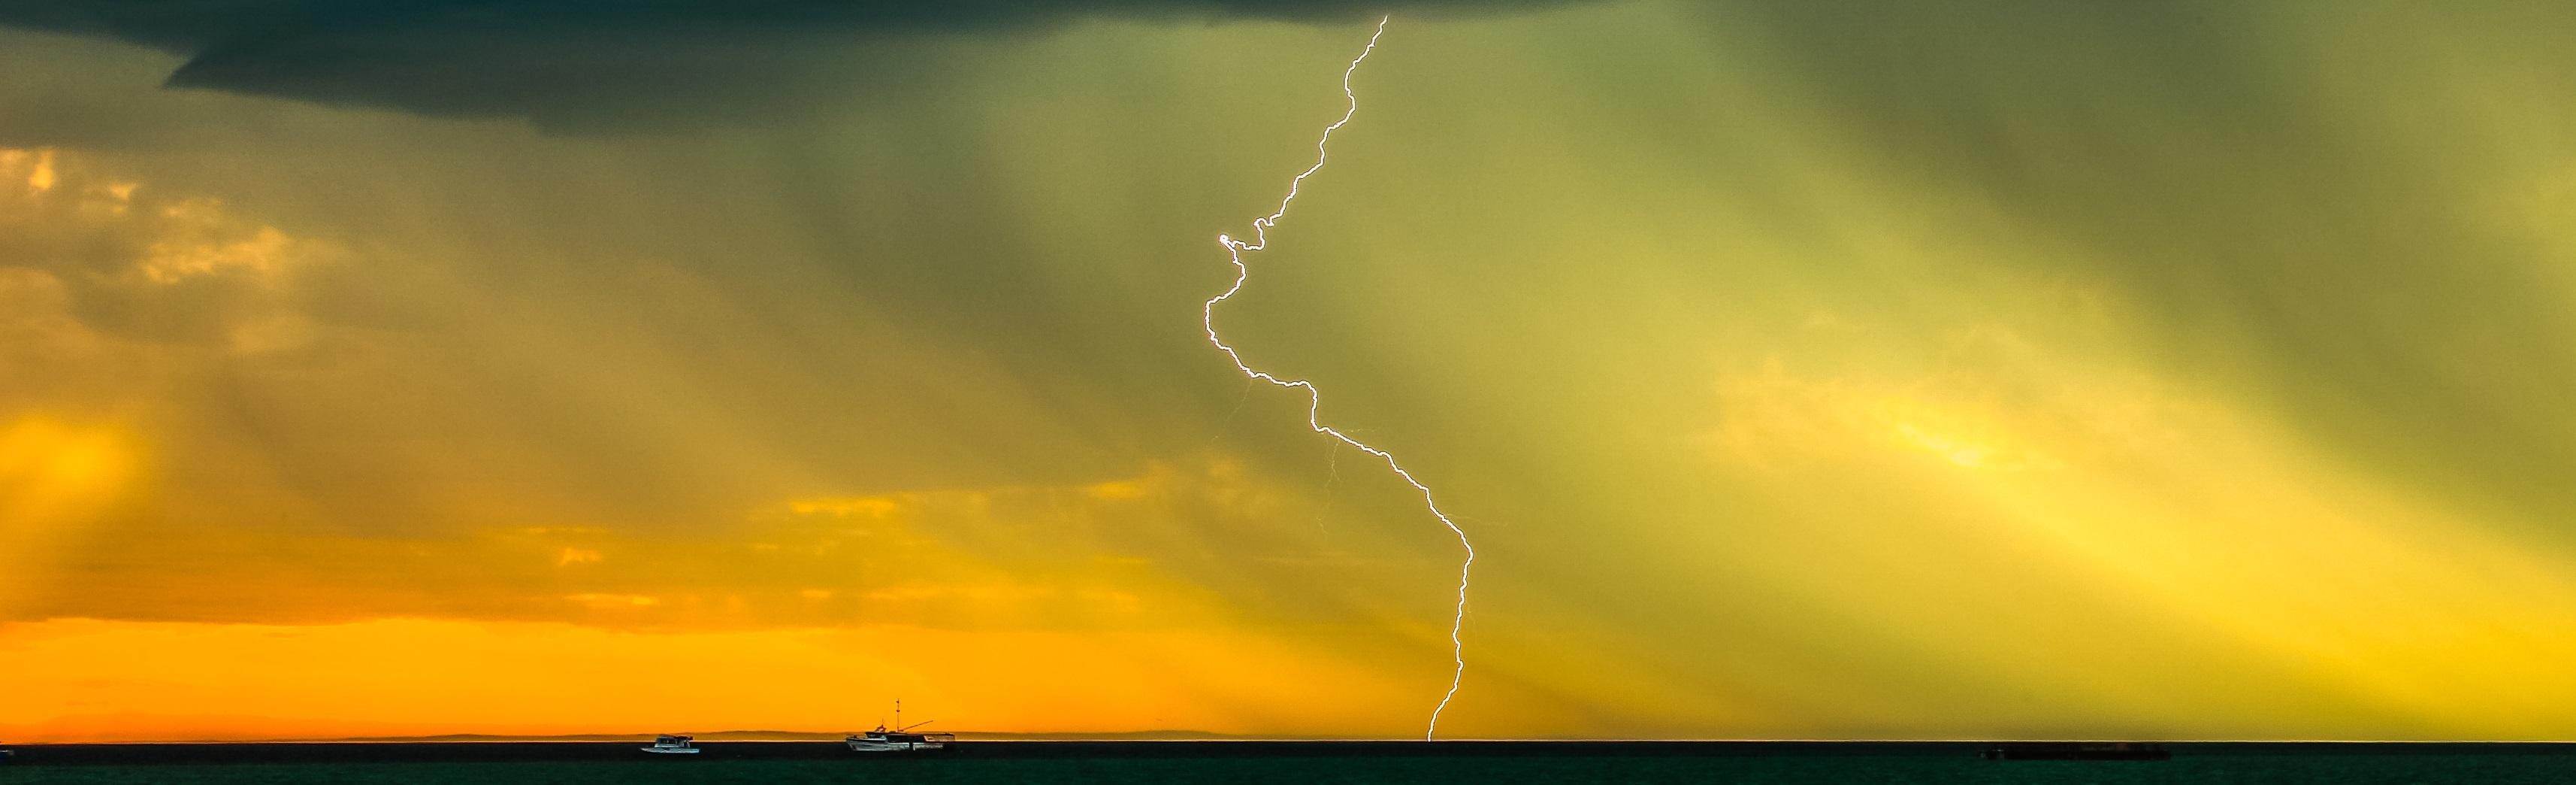 Lightning MGTC ESD משה גרופר